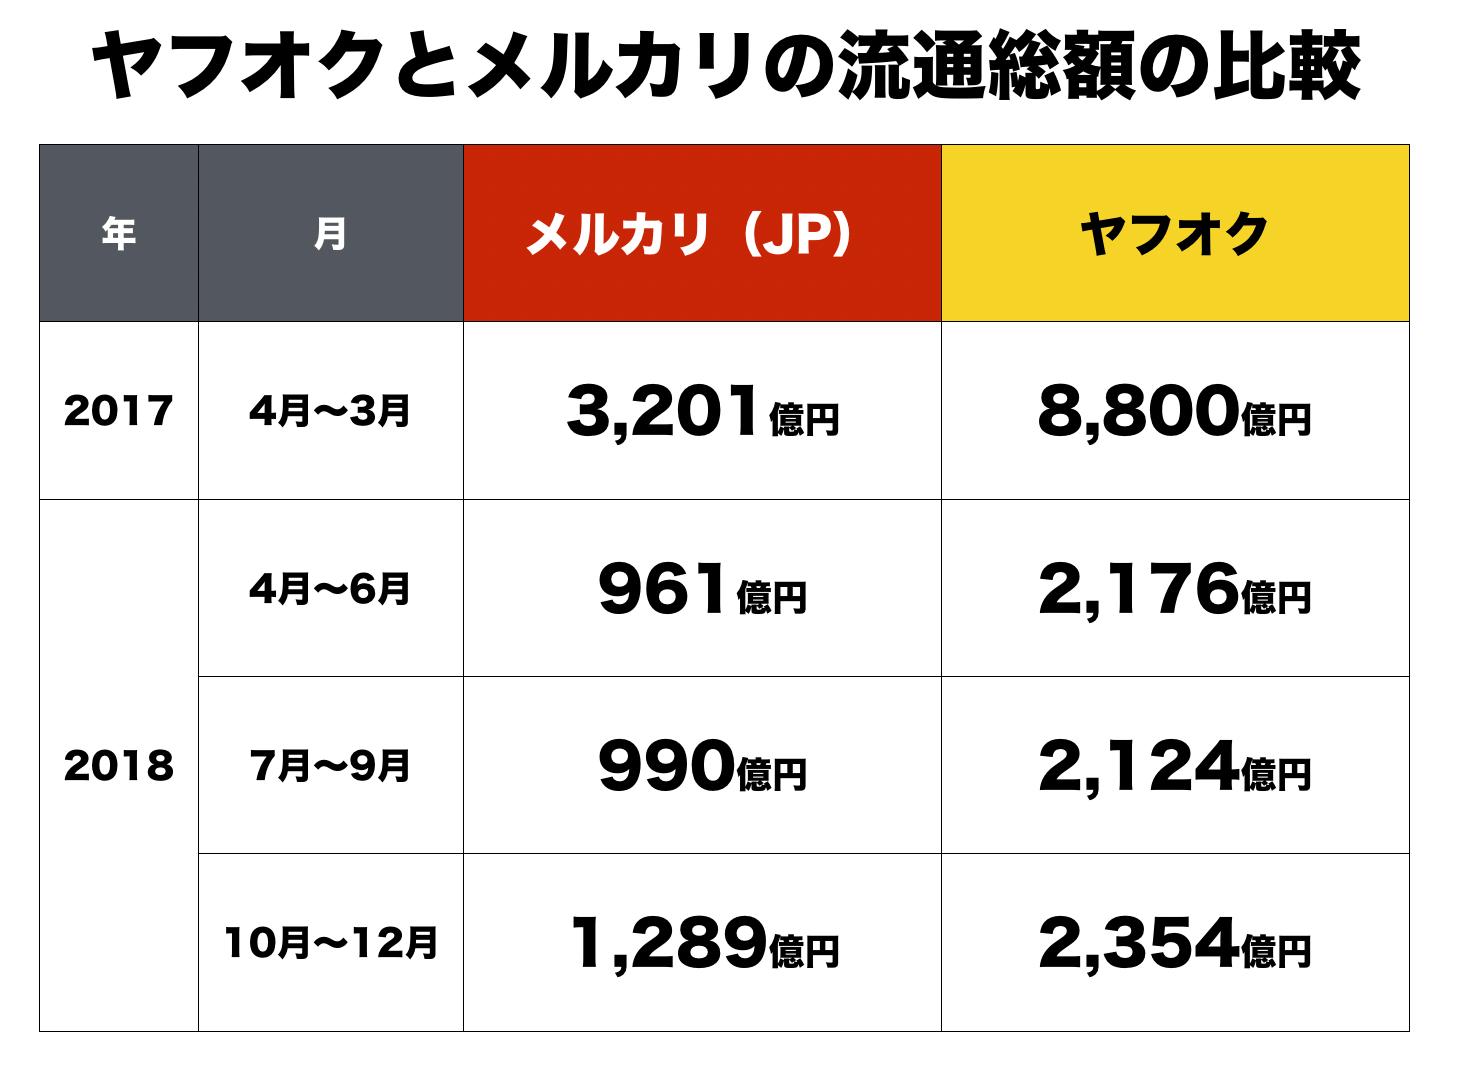 王者ヤフオクVS挑戦者メルカリの流通総額比較が面白い1